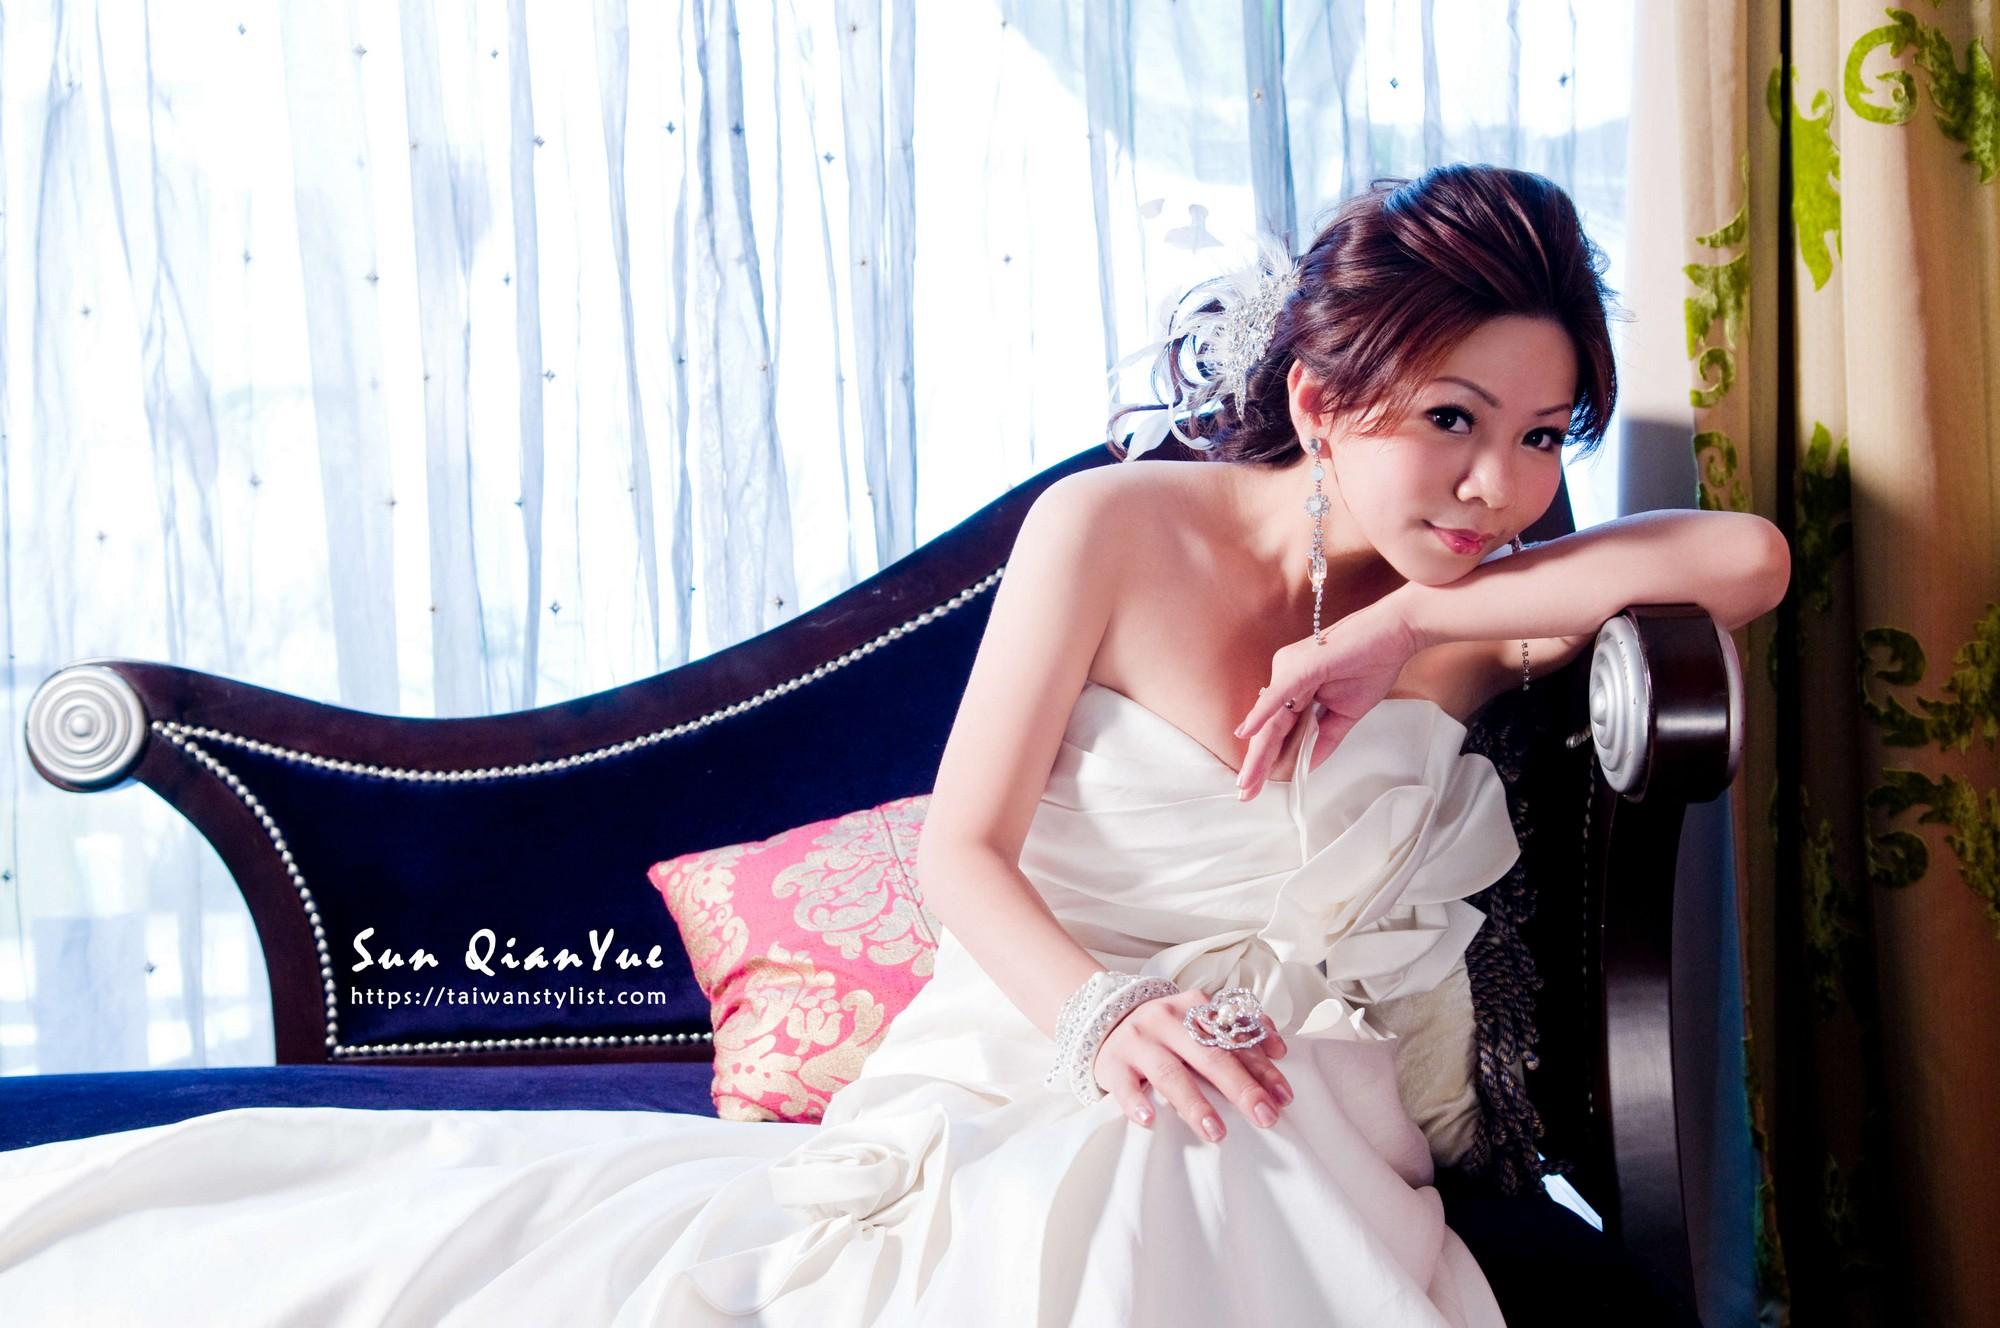 婚紗攝影 – 新娘造型  推薦